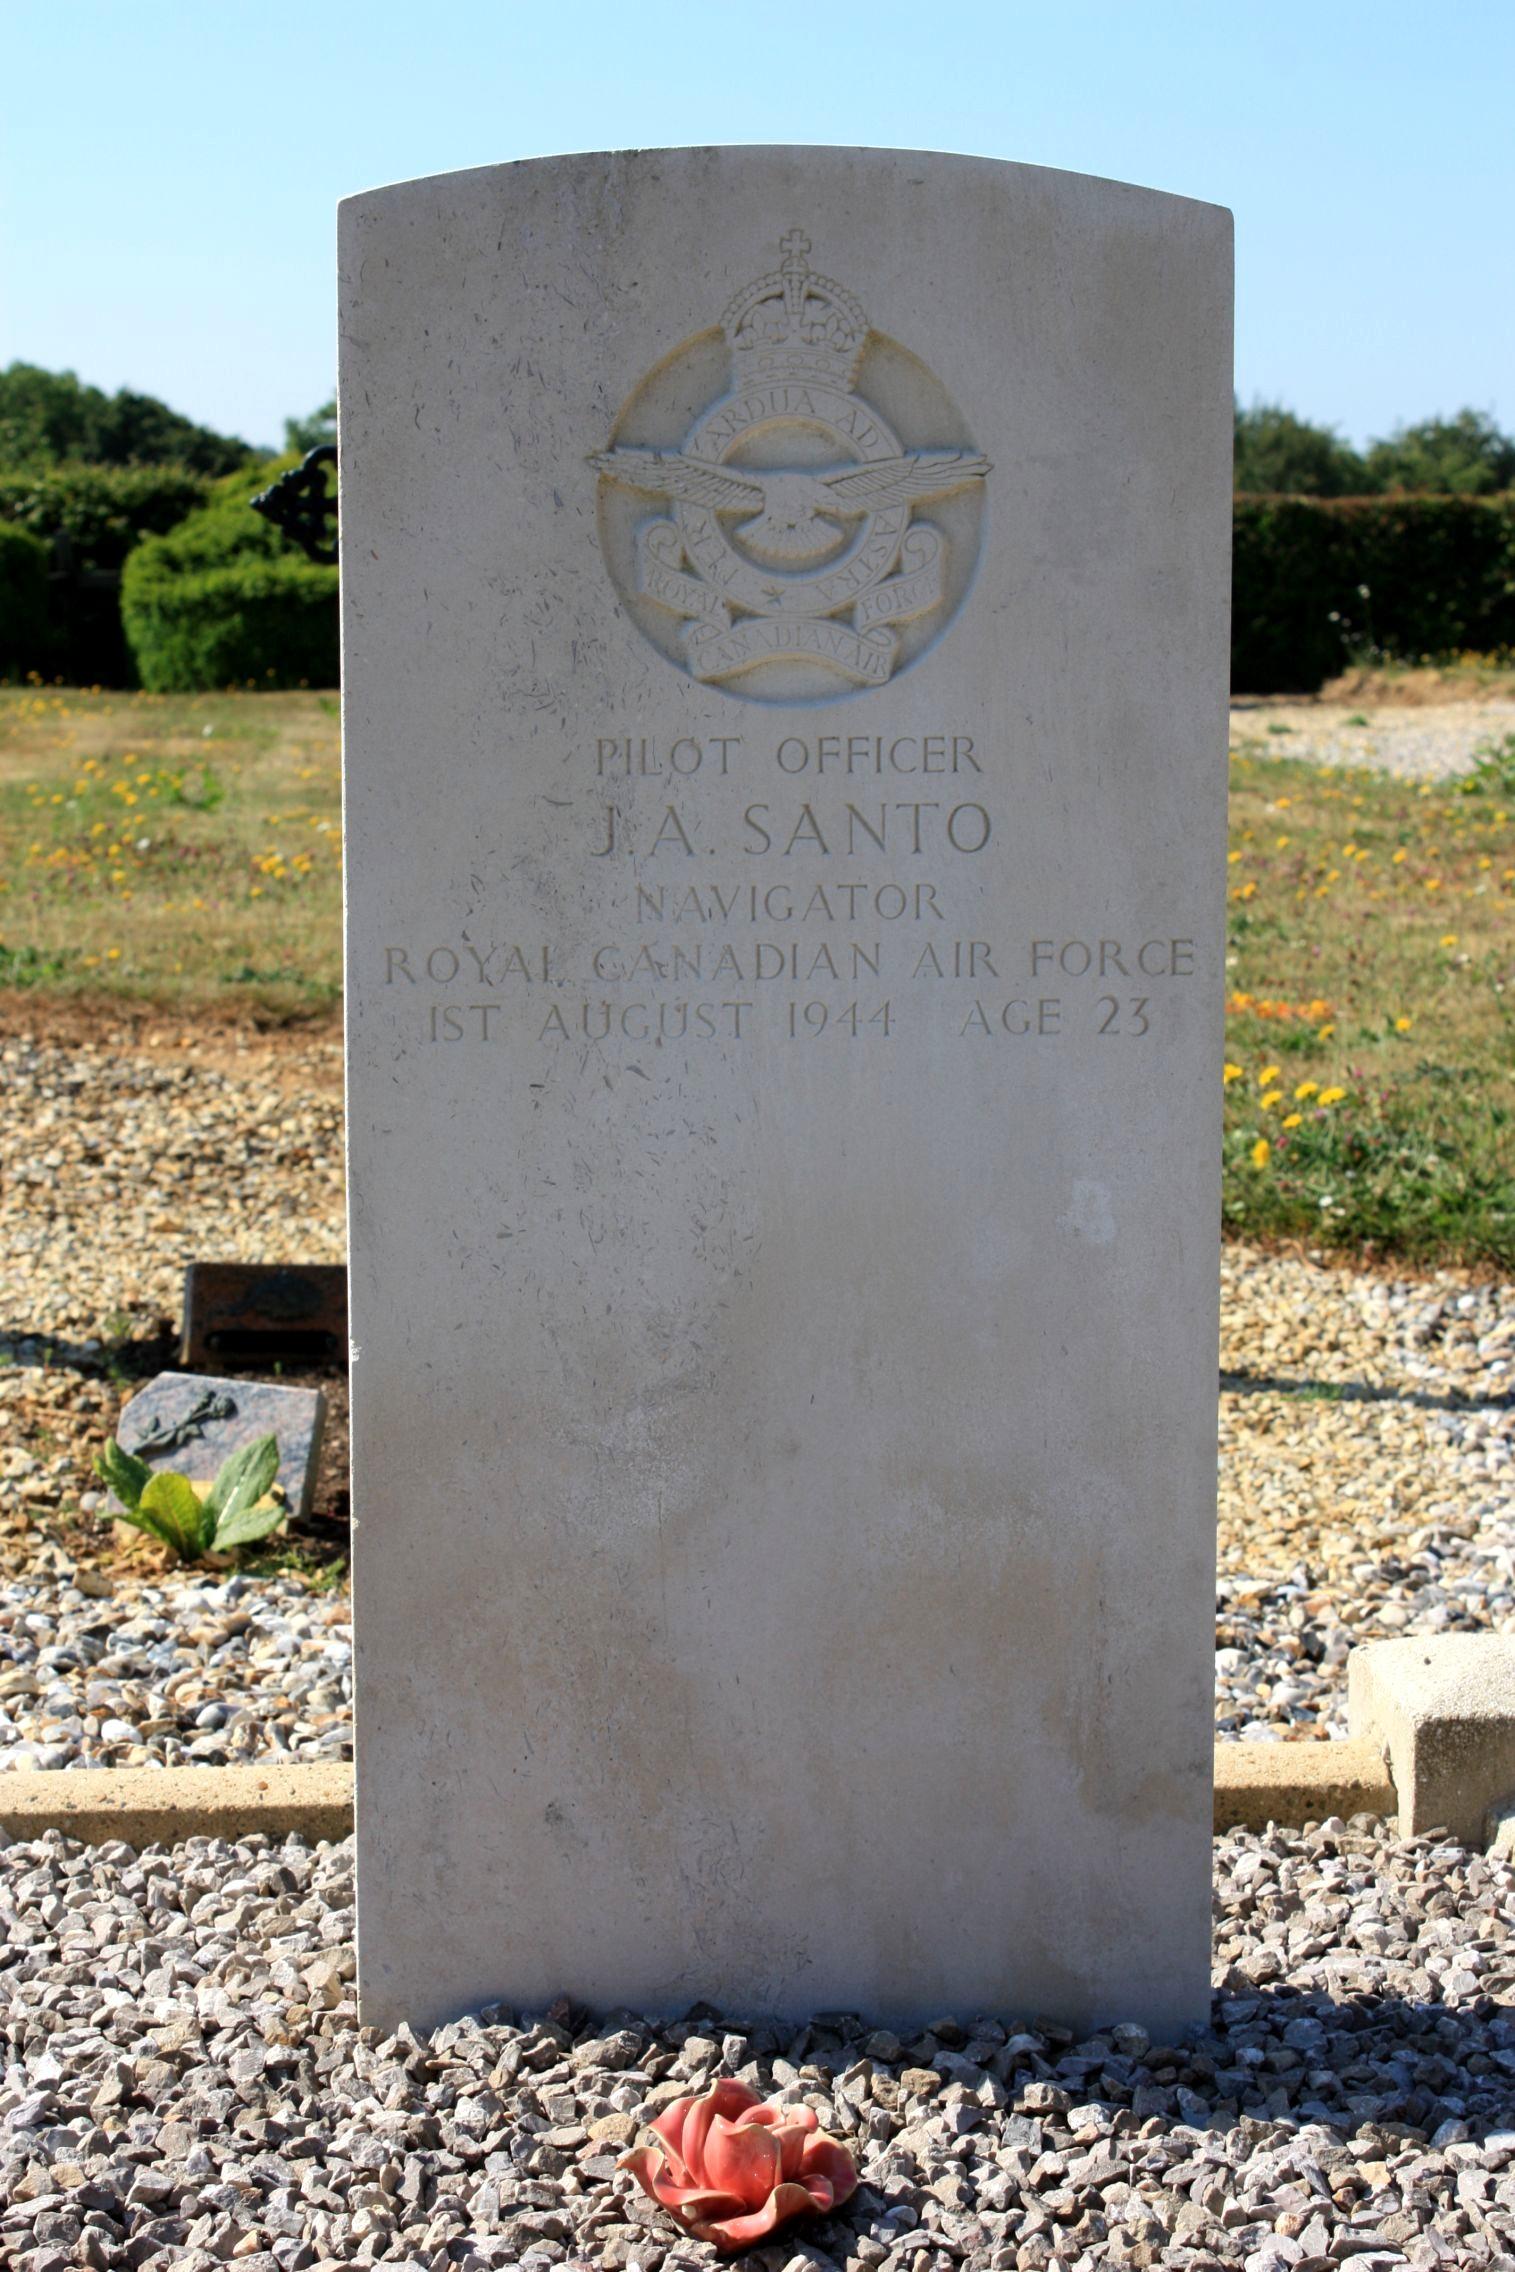 Pierre tombale – Photo de la pierre tombale, gracieuseté de Kelvin Youngs, Commémoration à l'équipage.